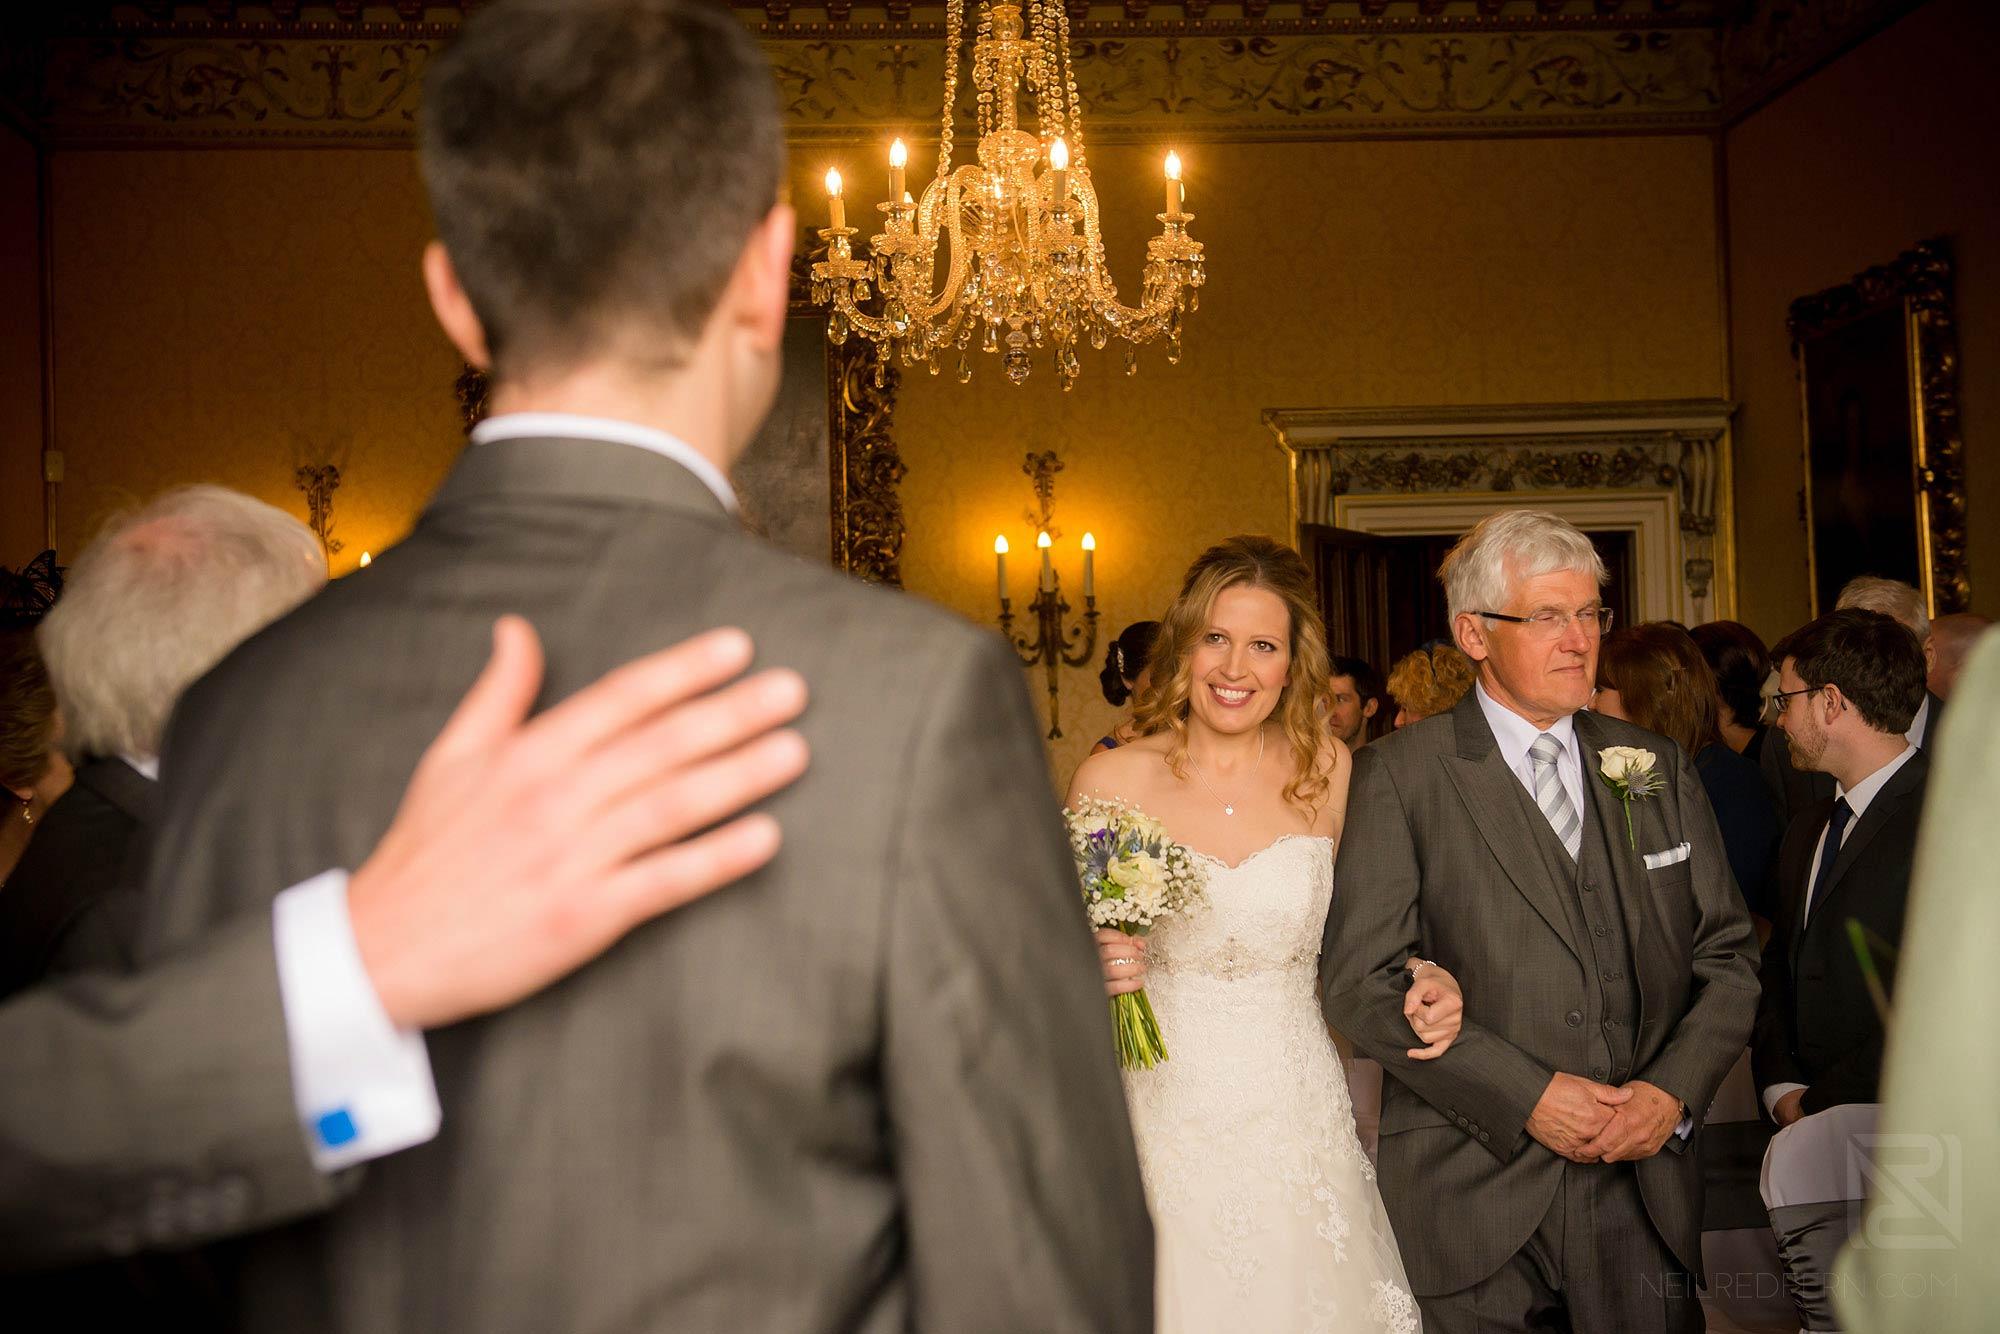 bride walking down aisle looking at groom